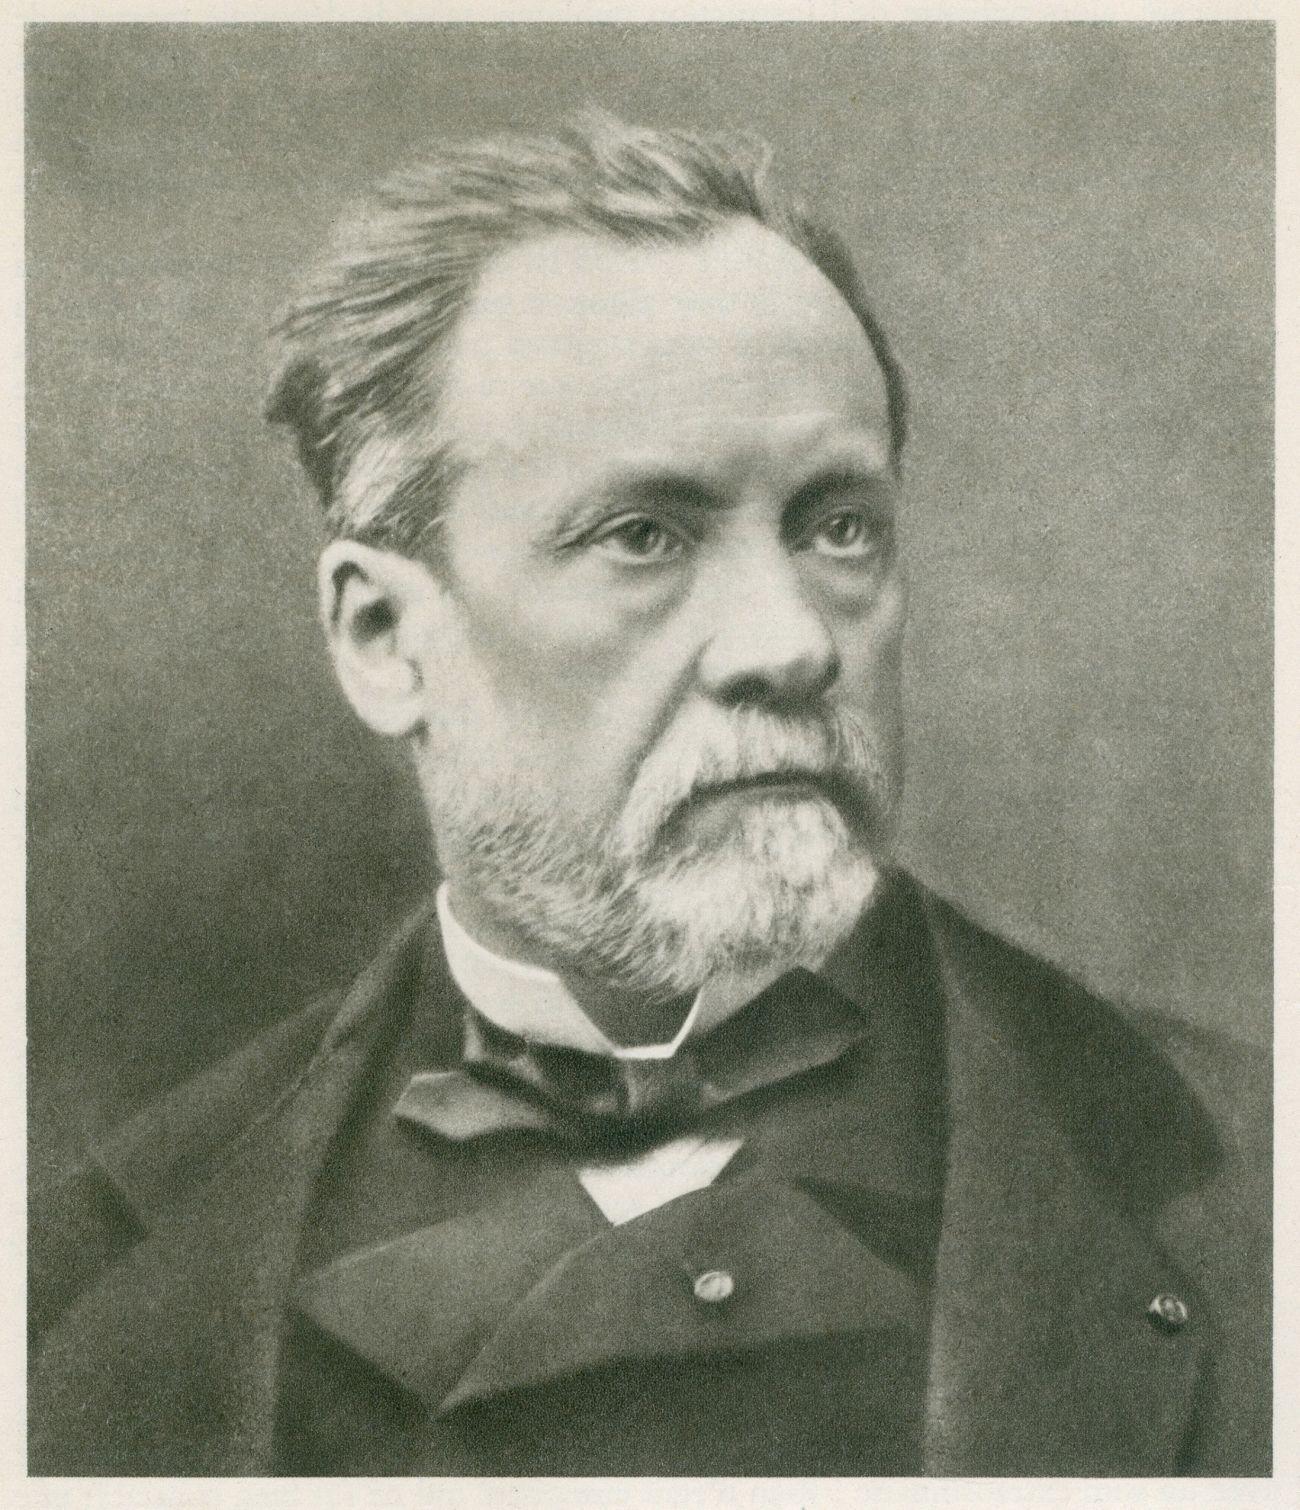 Louis Pasteur - opracował pierwszą szczepionkę ochronną przeciwko wściekliźnie przeznaczoną dla ludzi.